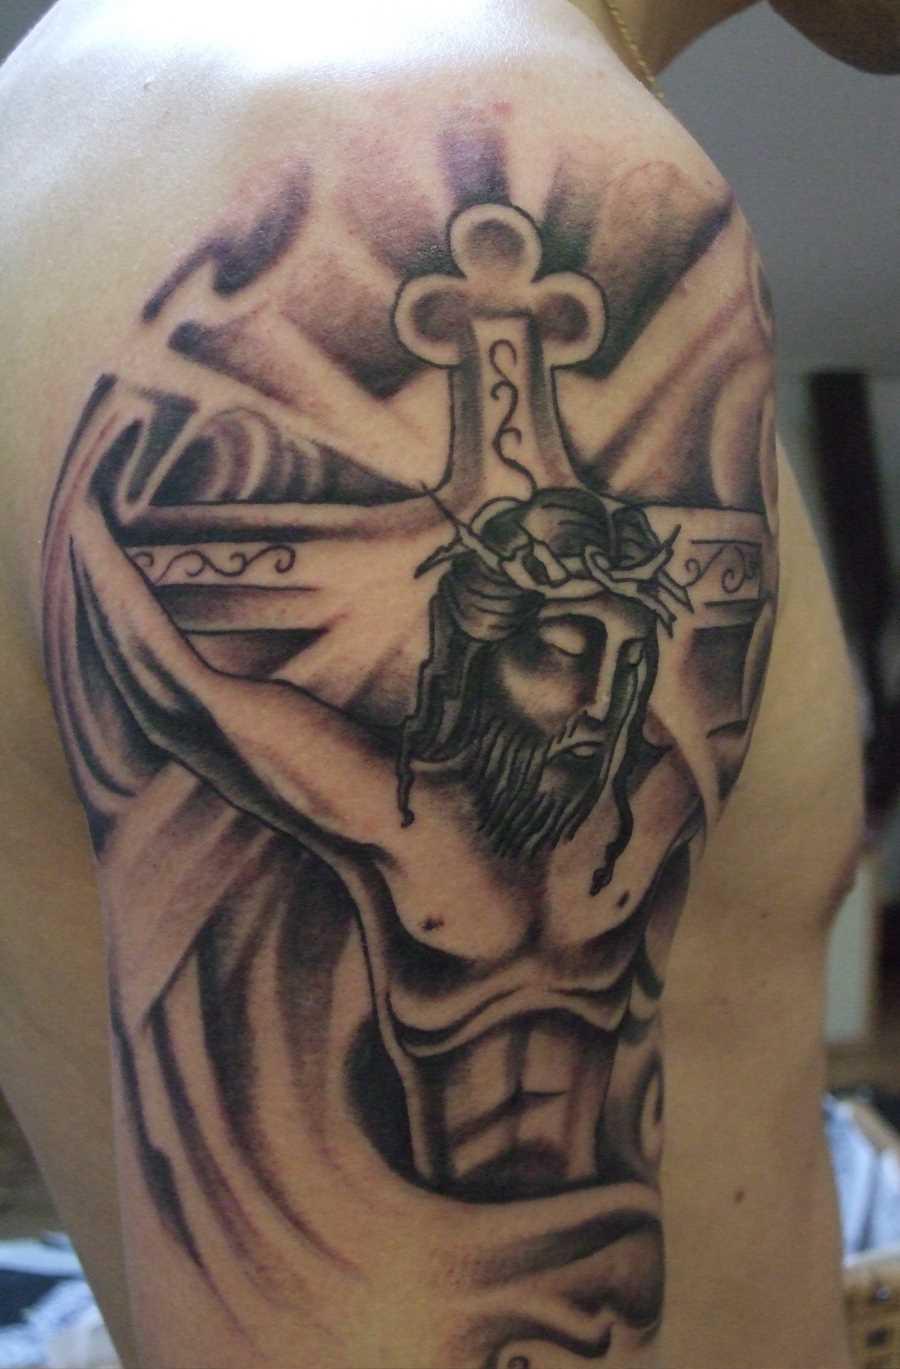 Bela tatuagem no ombro de um cara em forma de uma cruz e de Jesus crucificado